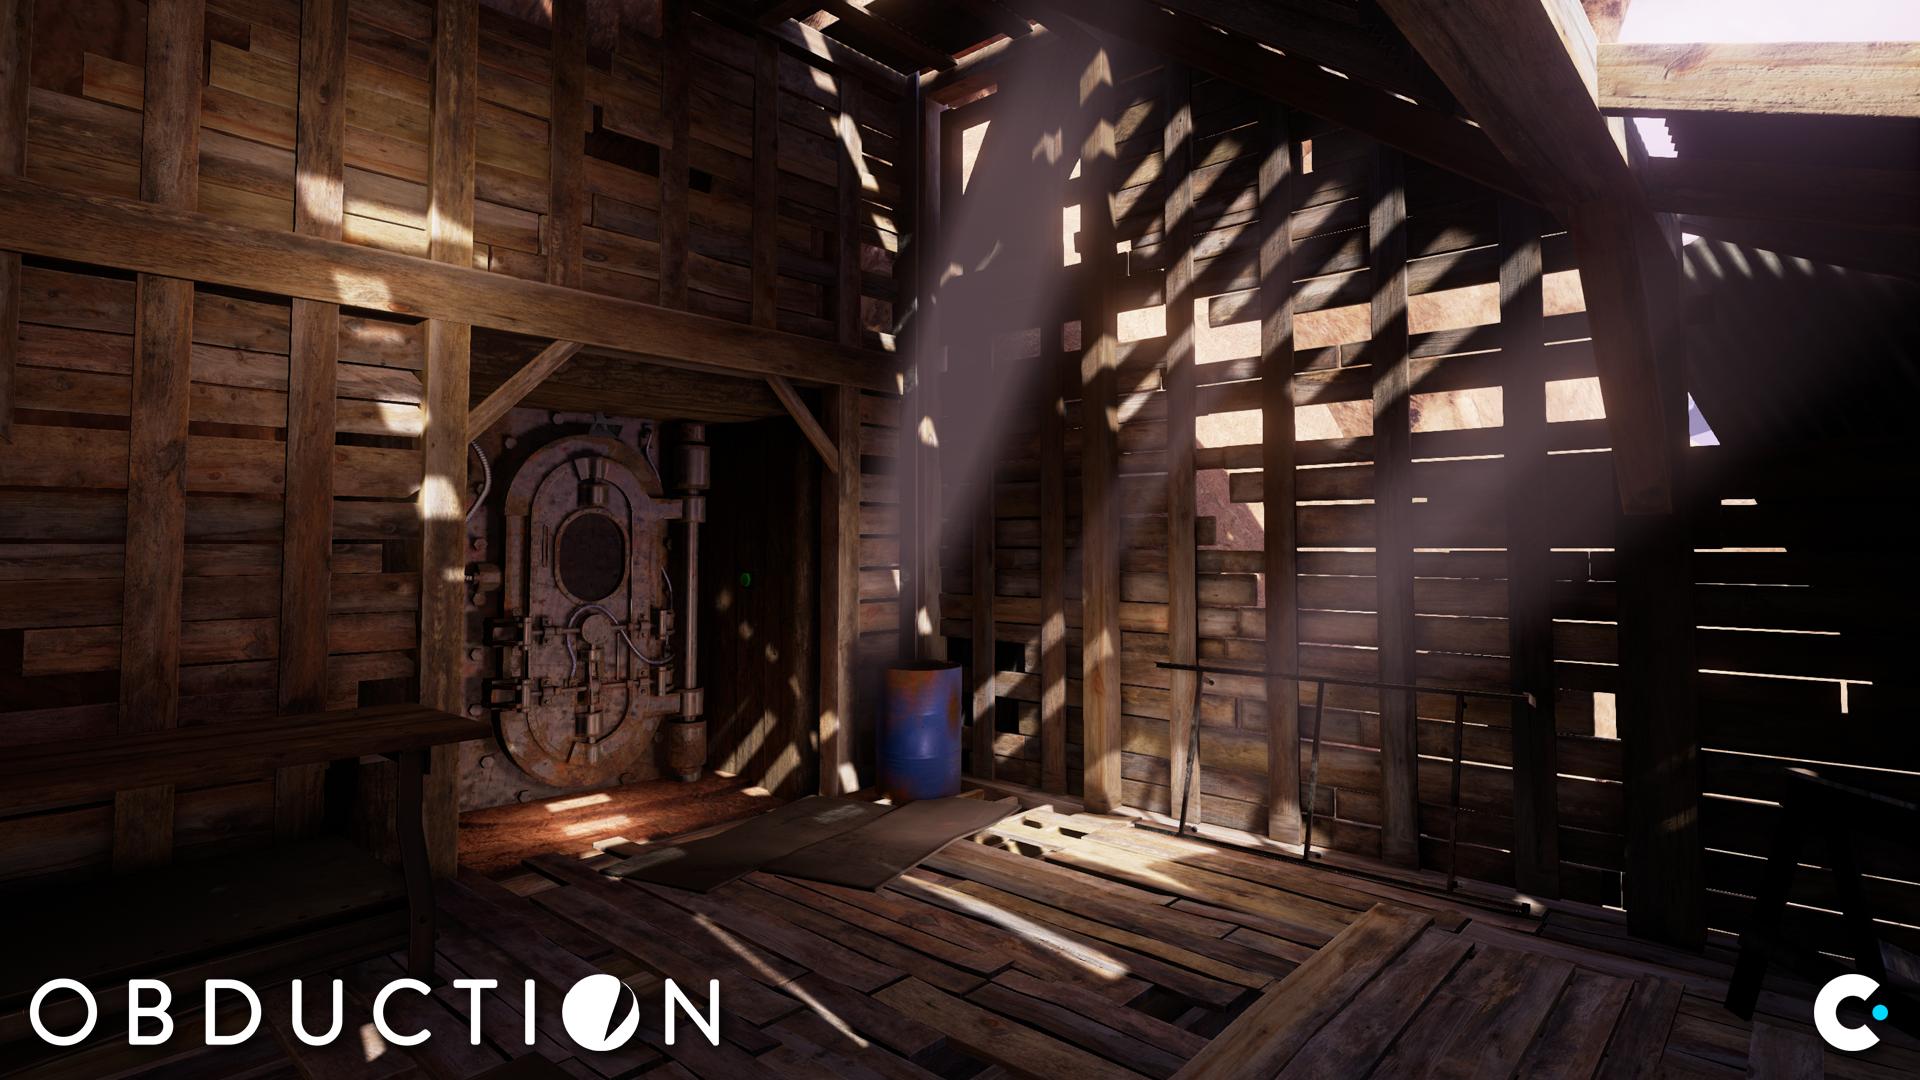 Возвращение Myst-ических квестов. Обзор Obduction - Изображение 4